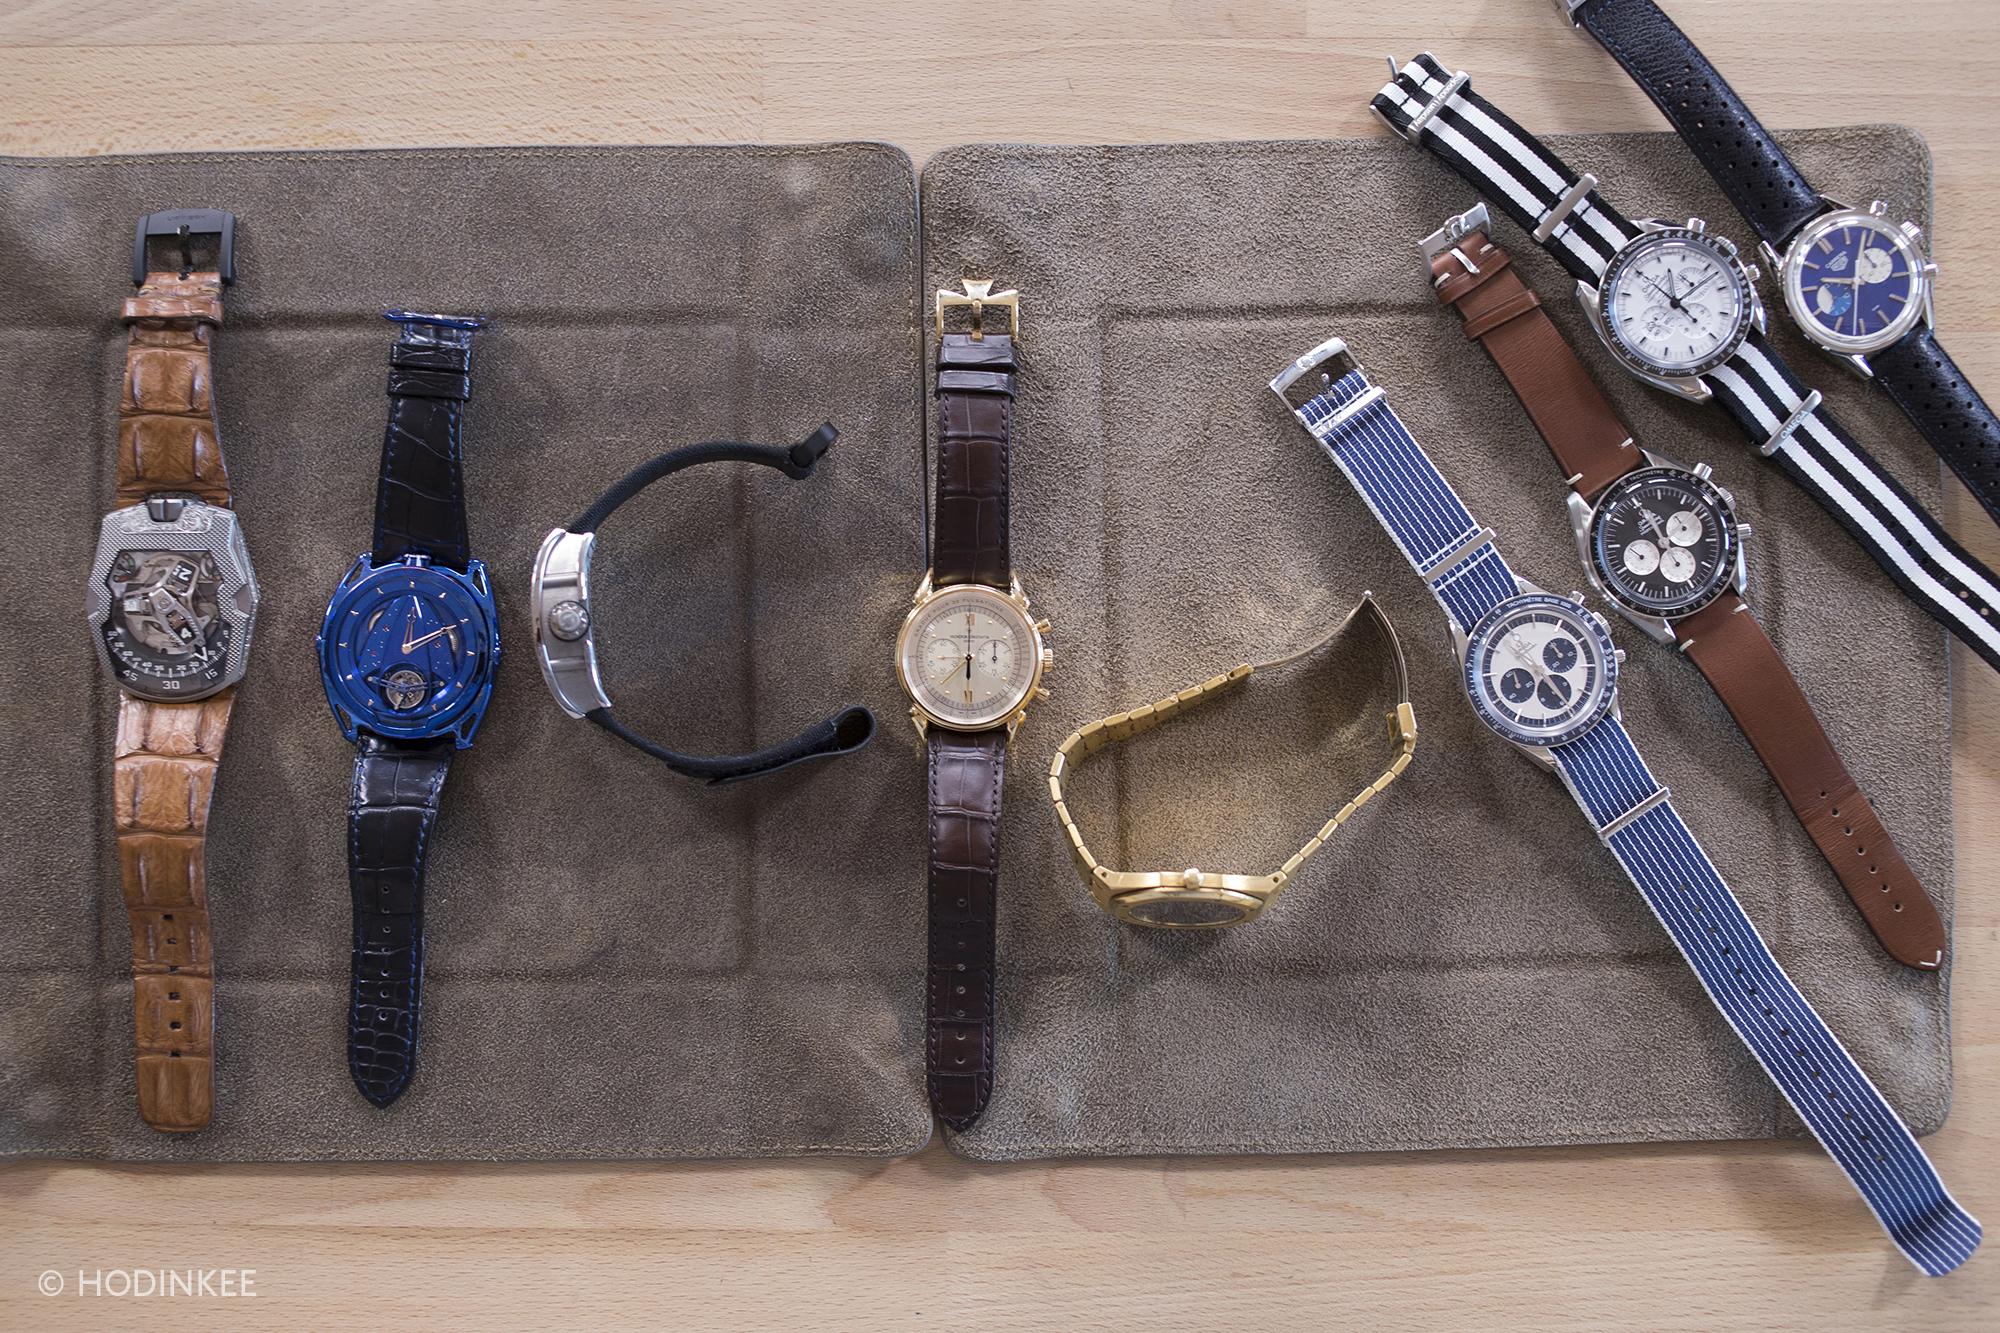 『Revolution』『The Rake』 を創刊したウェイ・コー(Wei Koh)氏の時計コレクション